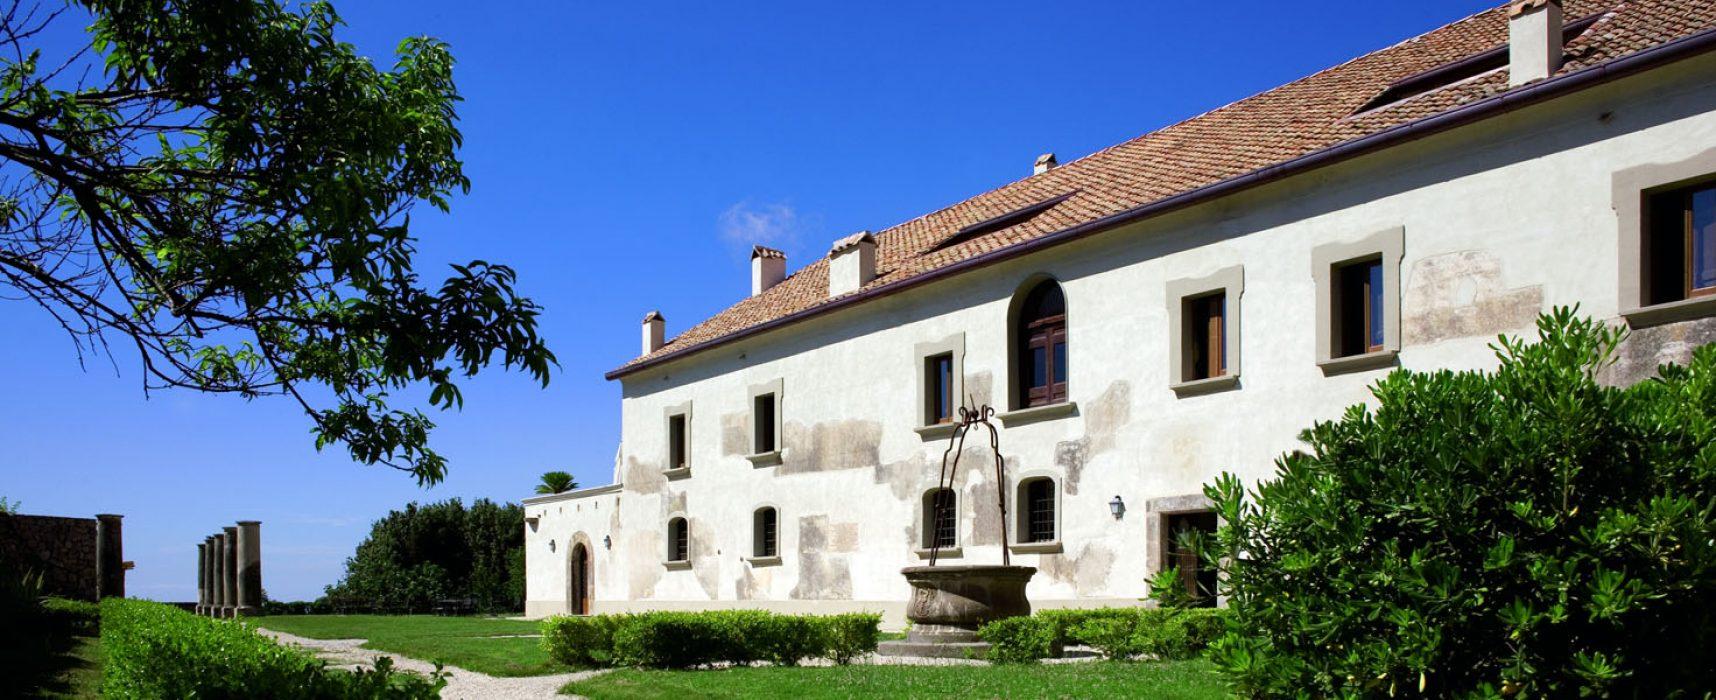 Villa Giusso, relax tra colline